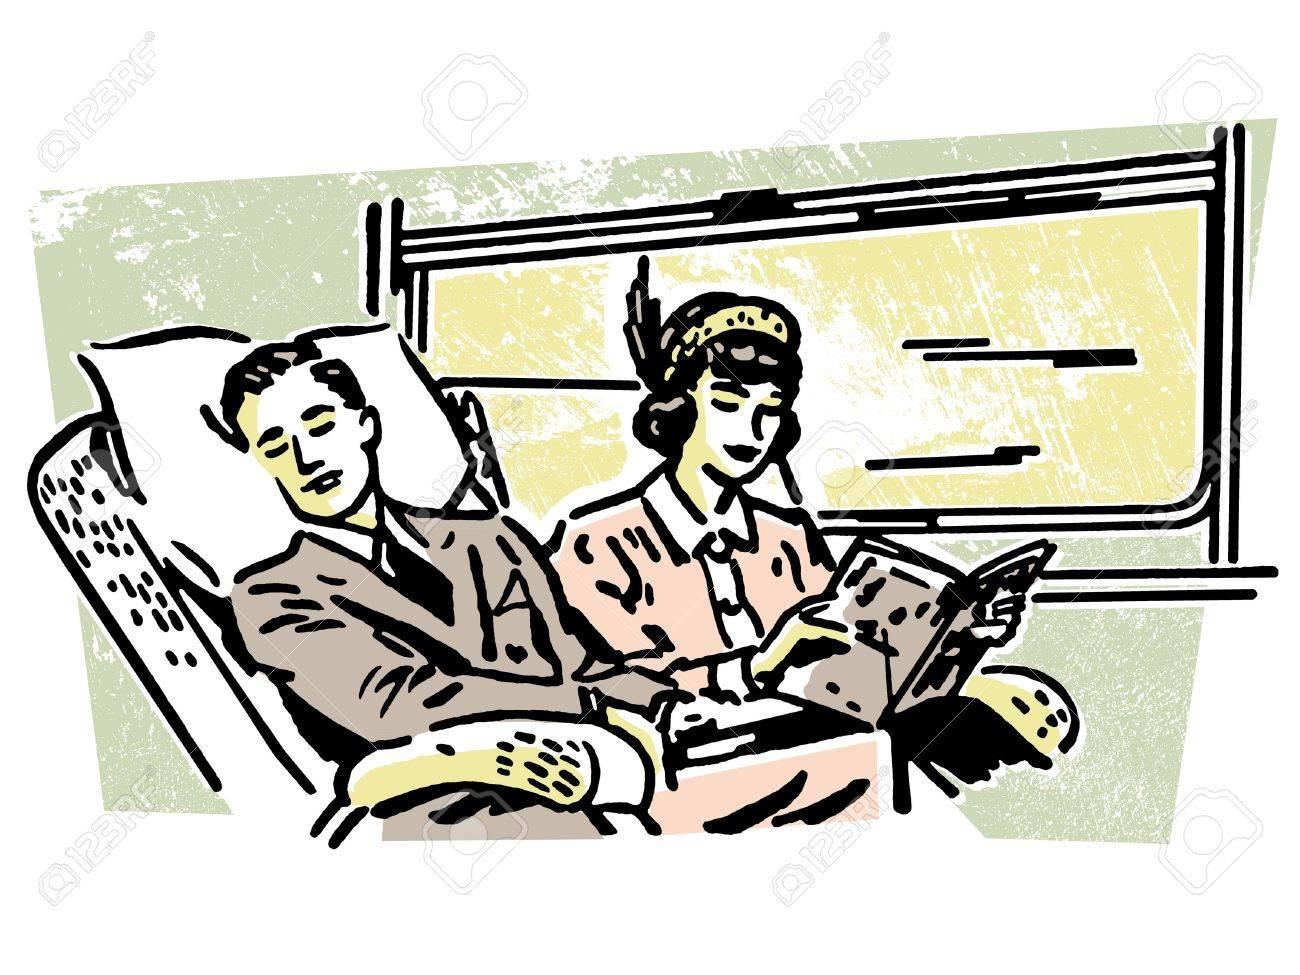 電車の中で人々 のヴィンテージのイラスト ロイヤリティーフリーフォト